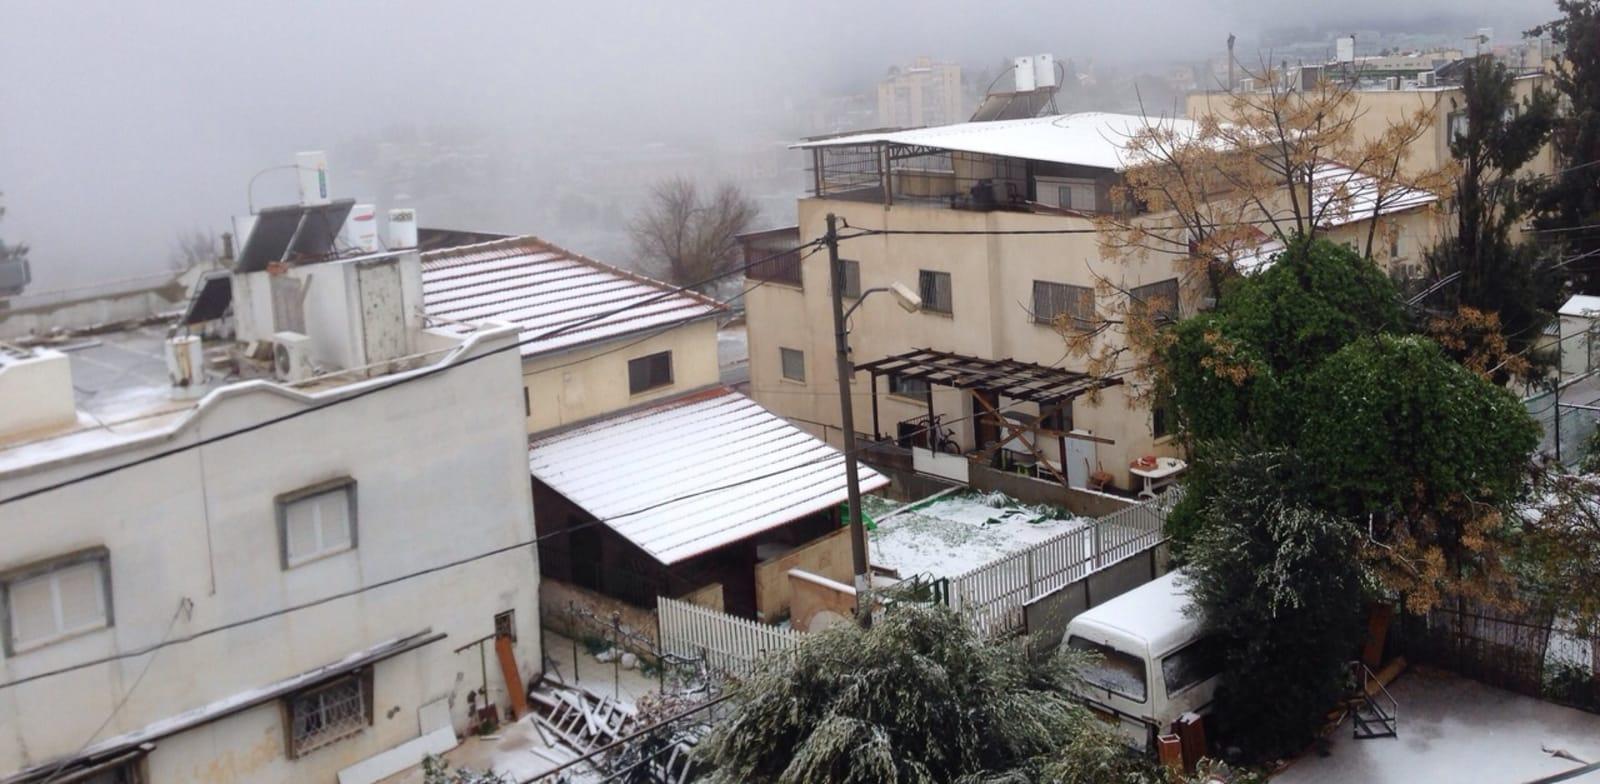 שלג בצפת / צילום: טליה בן לולו